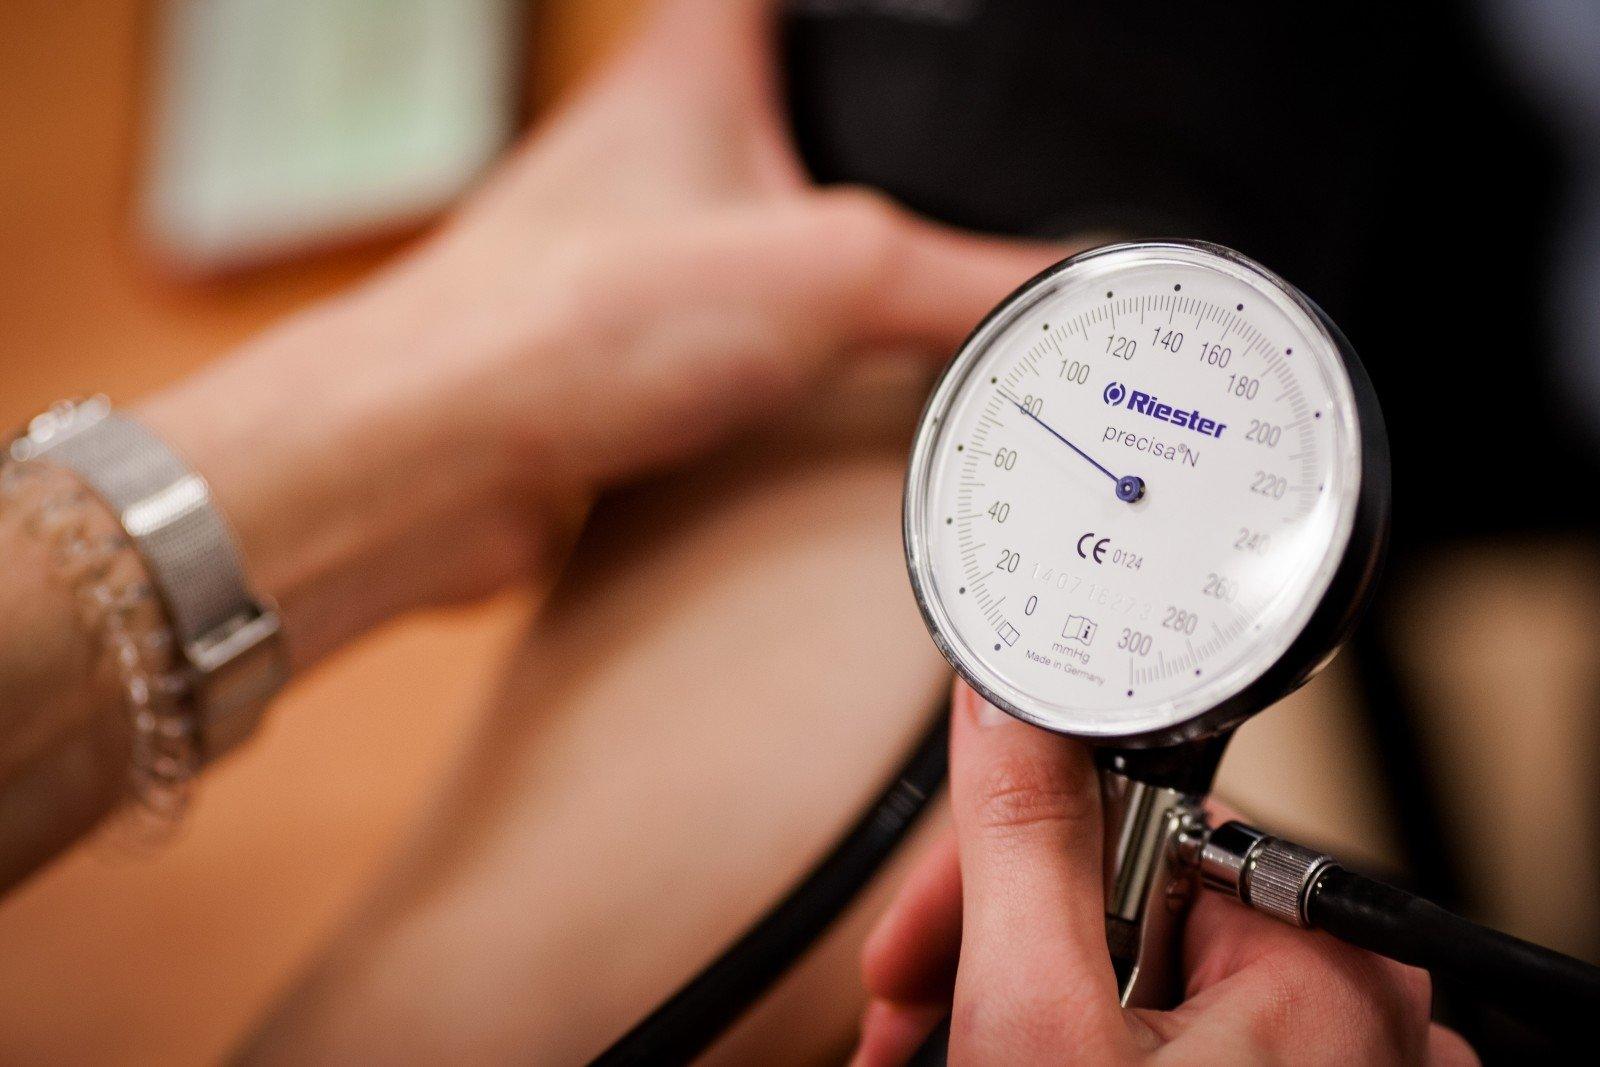 hipertenzija skaičiais kodel mazas kraujo spaudimas